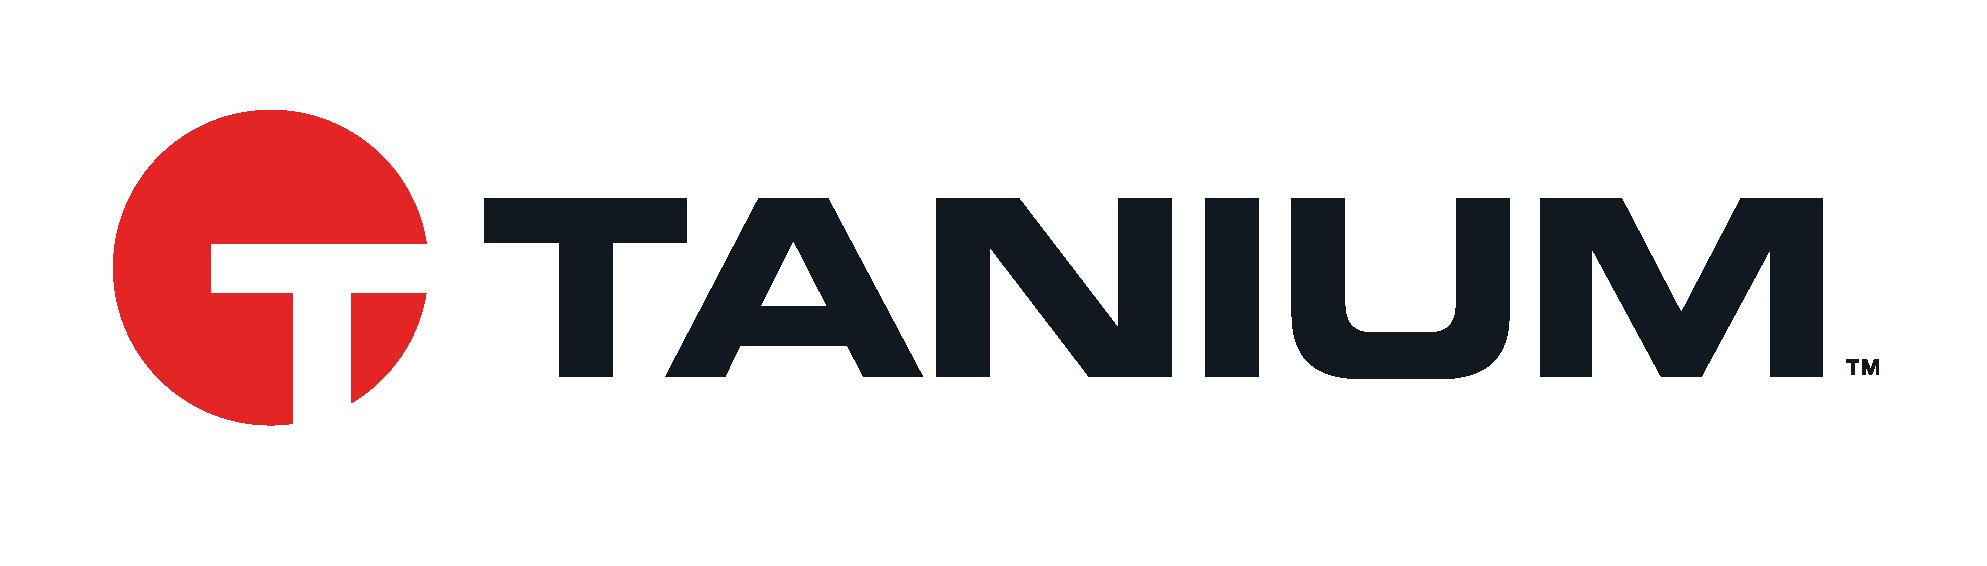 Tanium-Logo-FullColor